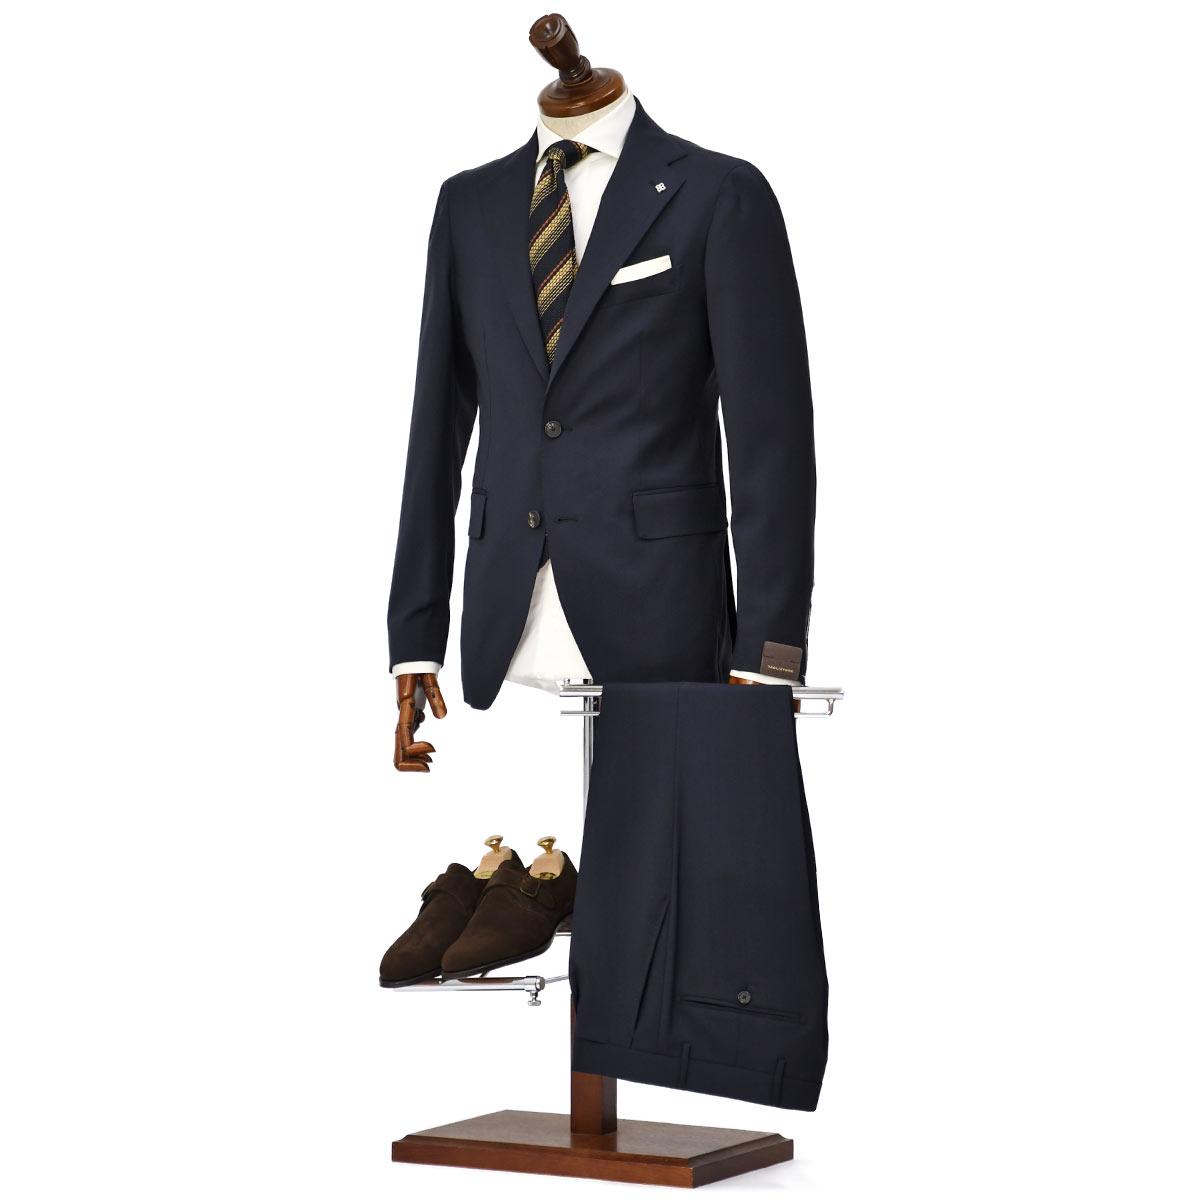 TAGLIATORE【タリアトーレ】無地シングルスーツをご紹介致します。